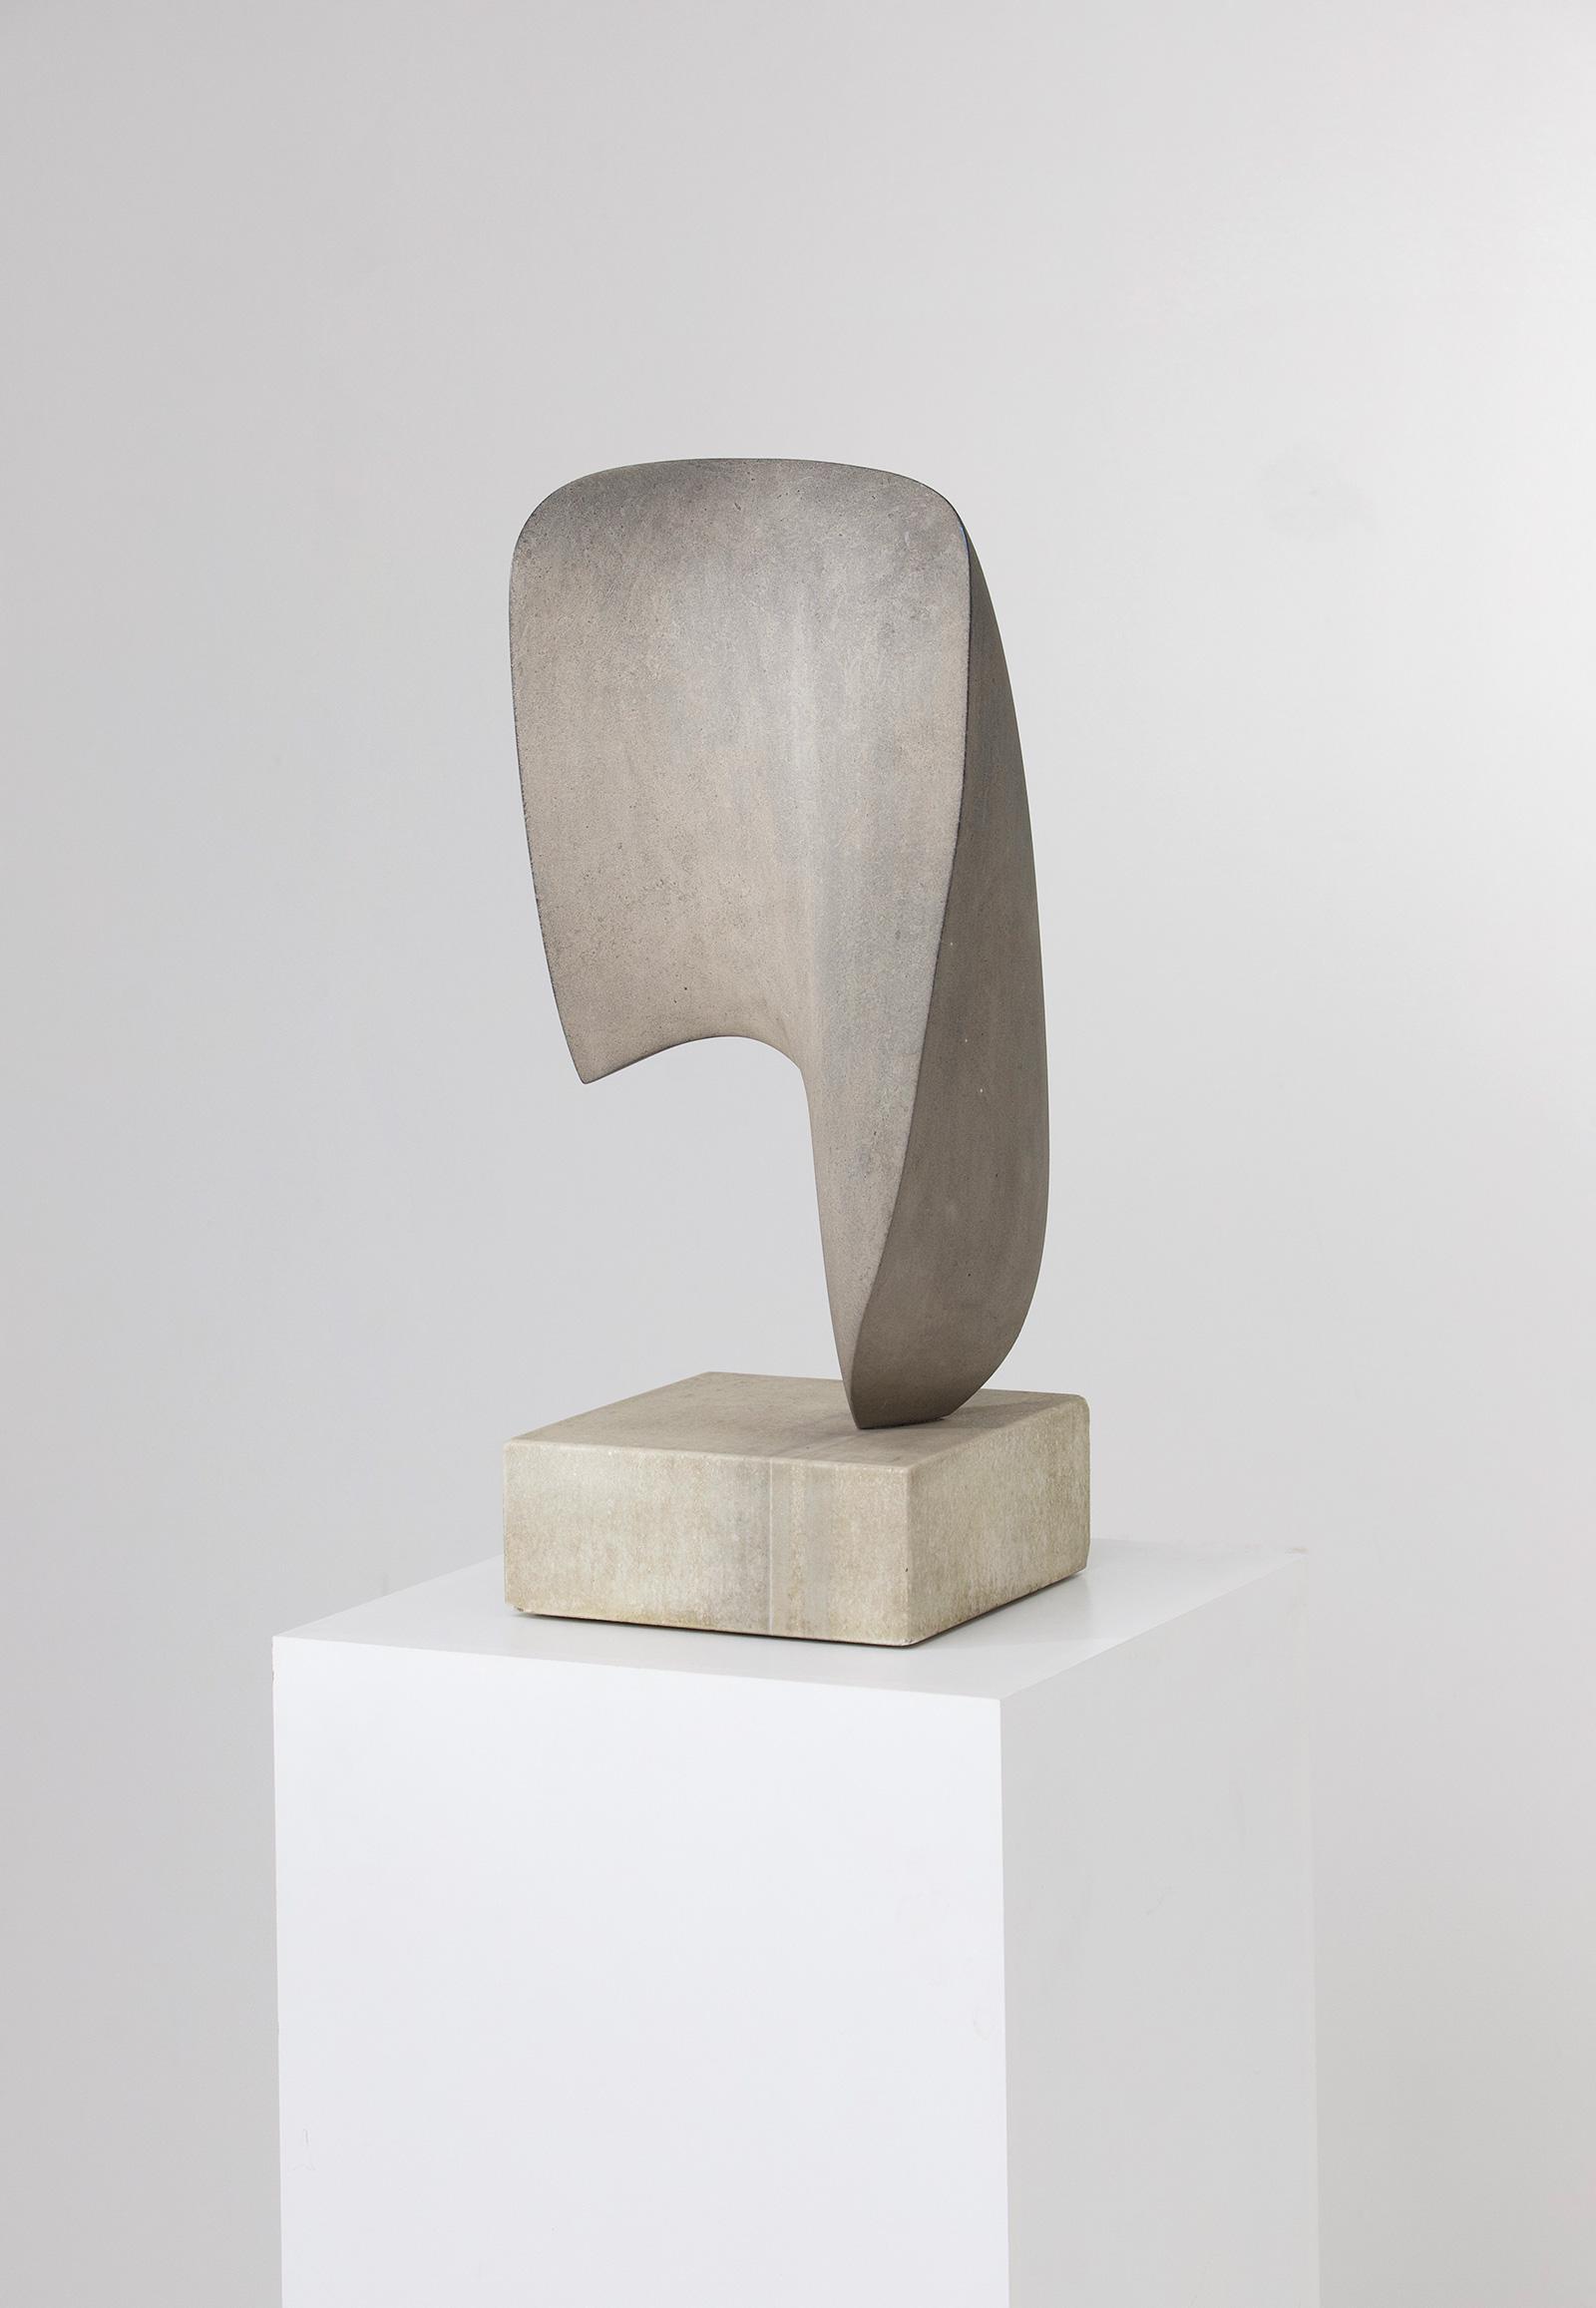 Sculpture from Elisabeth-Marie De Wee